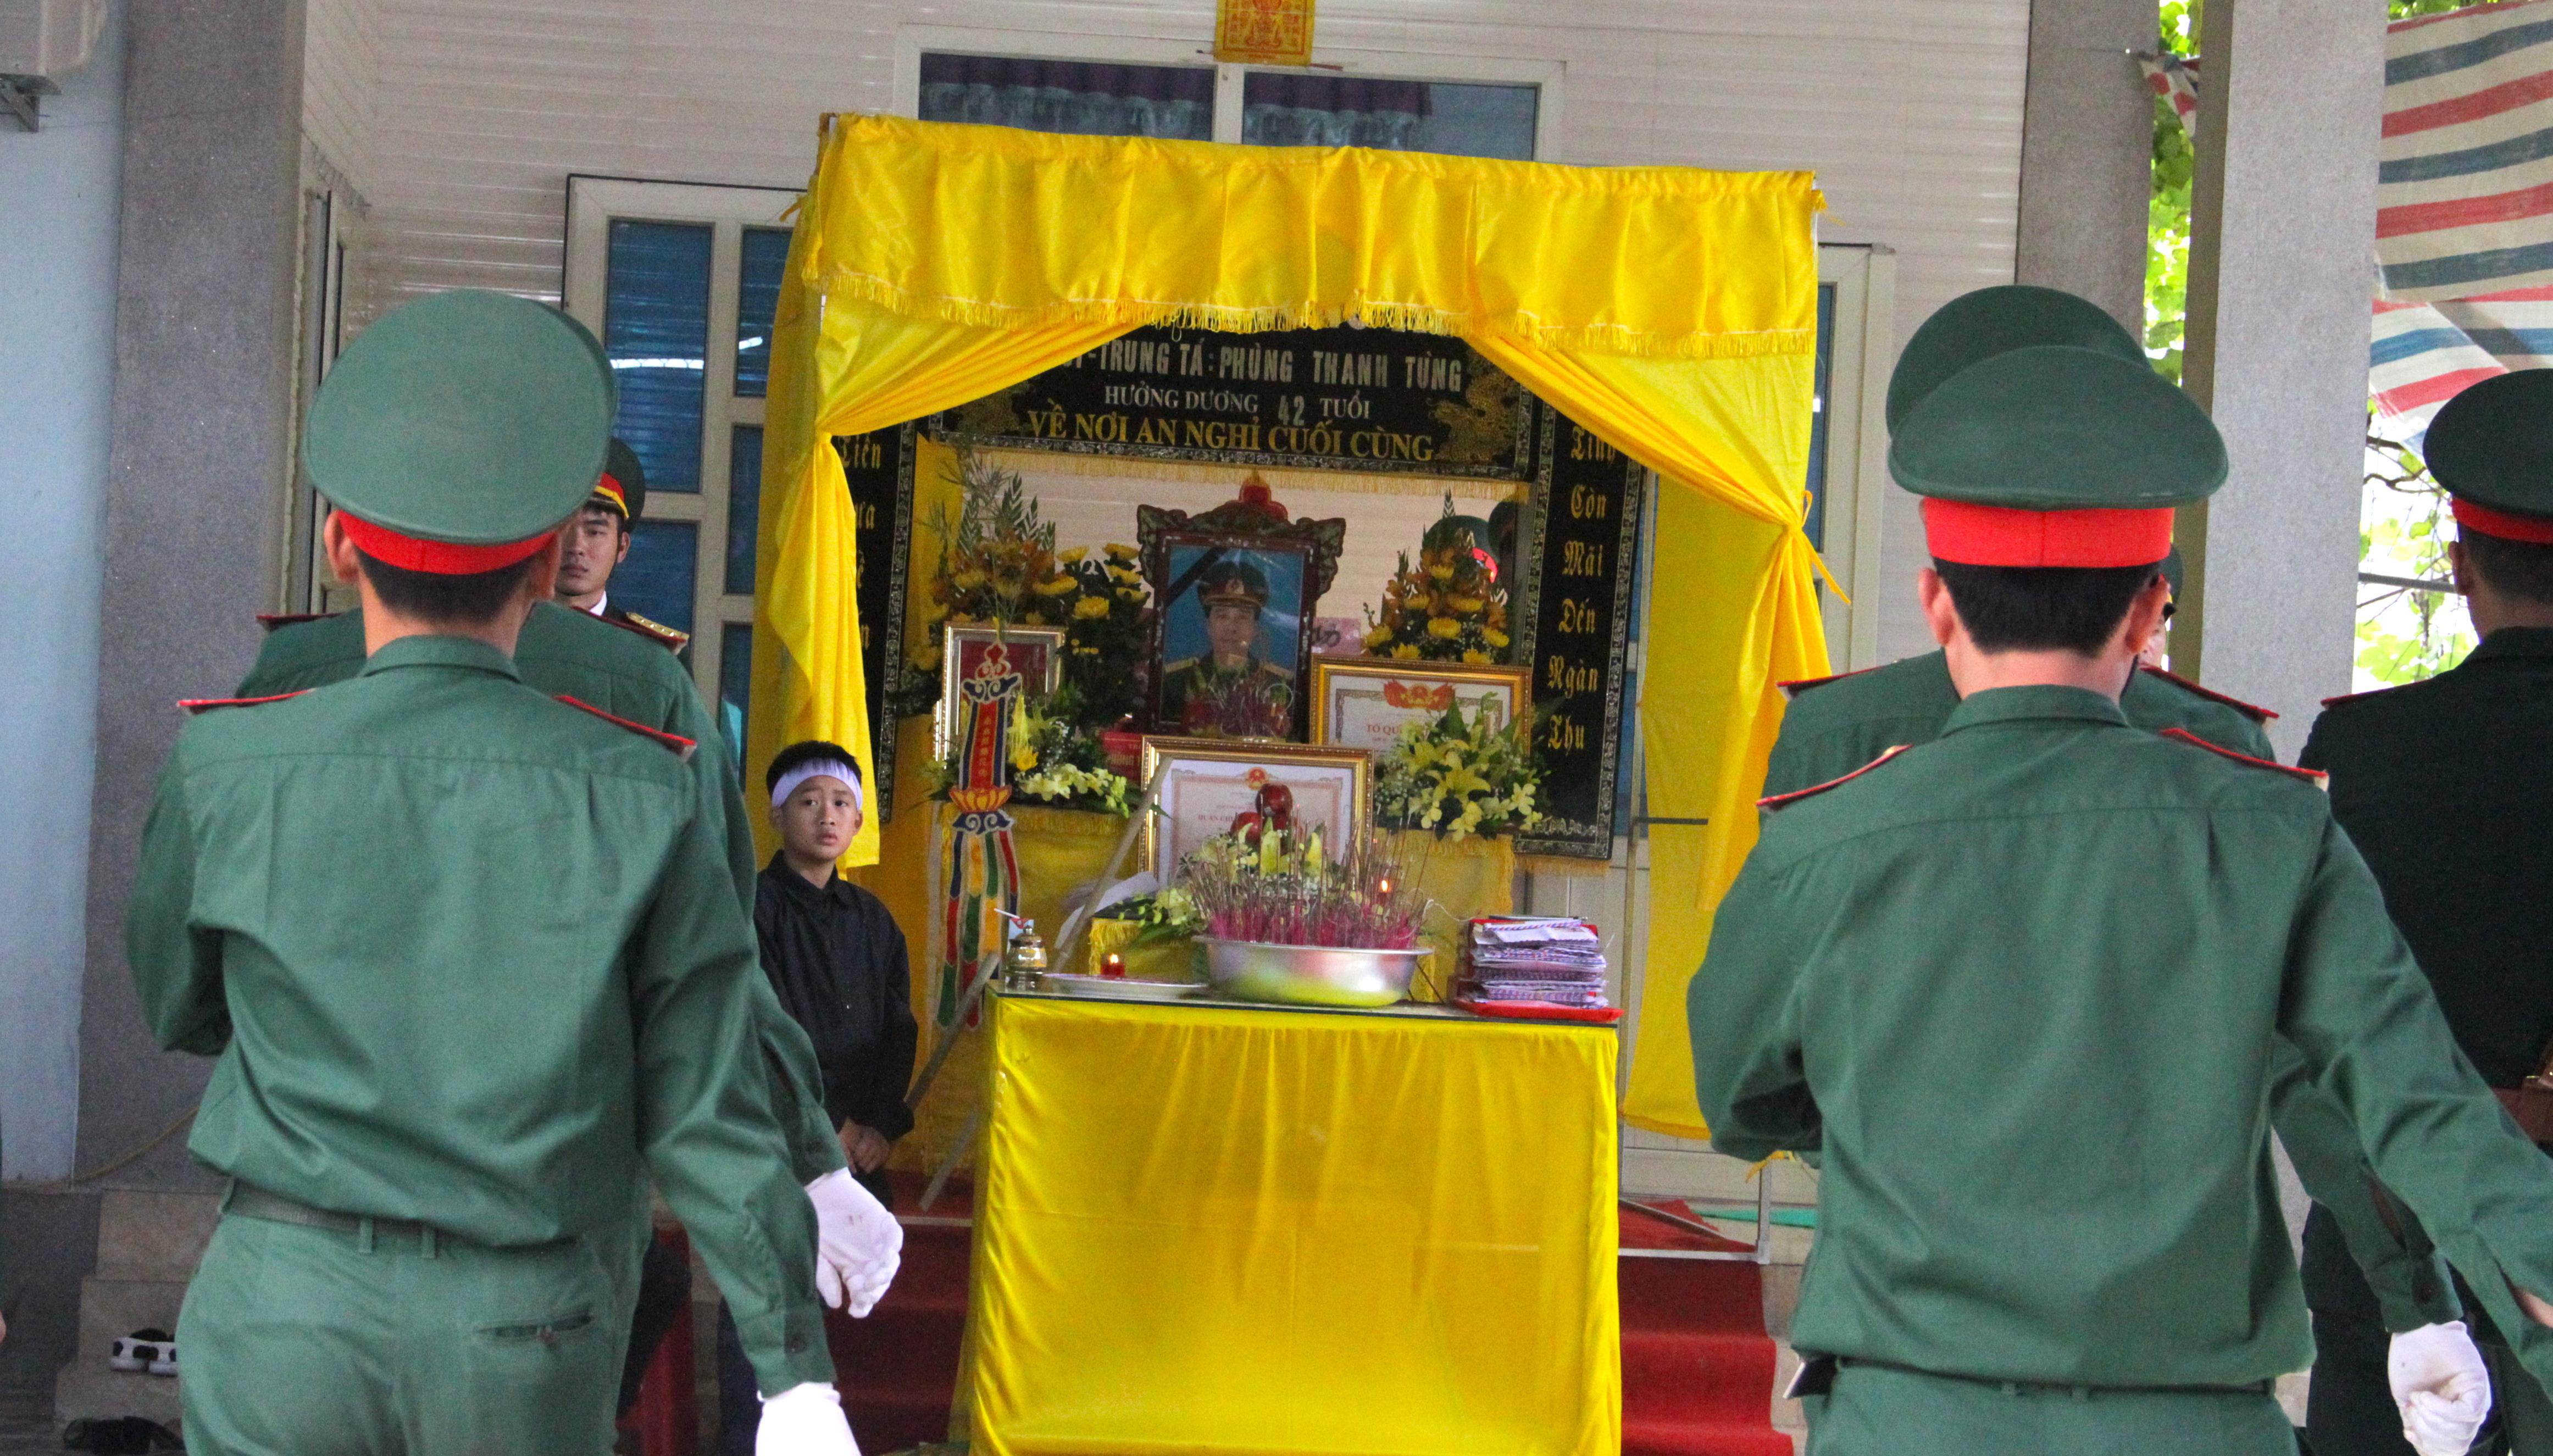 Nước mắt tiễn biệt liệt sỹ Đoàn 337 bị vùi lấp ở Quảng Trị: Nào ngờ con đi không về nữa - Ảnh 16.